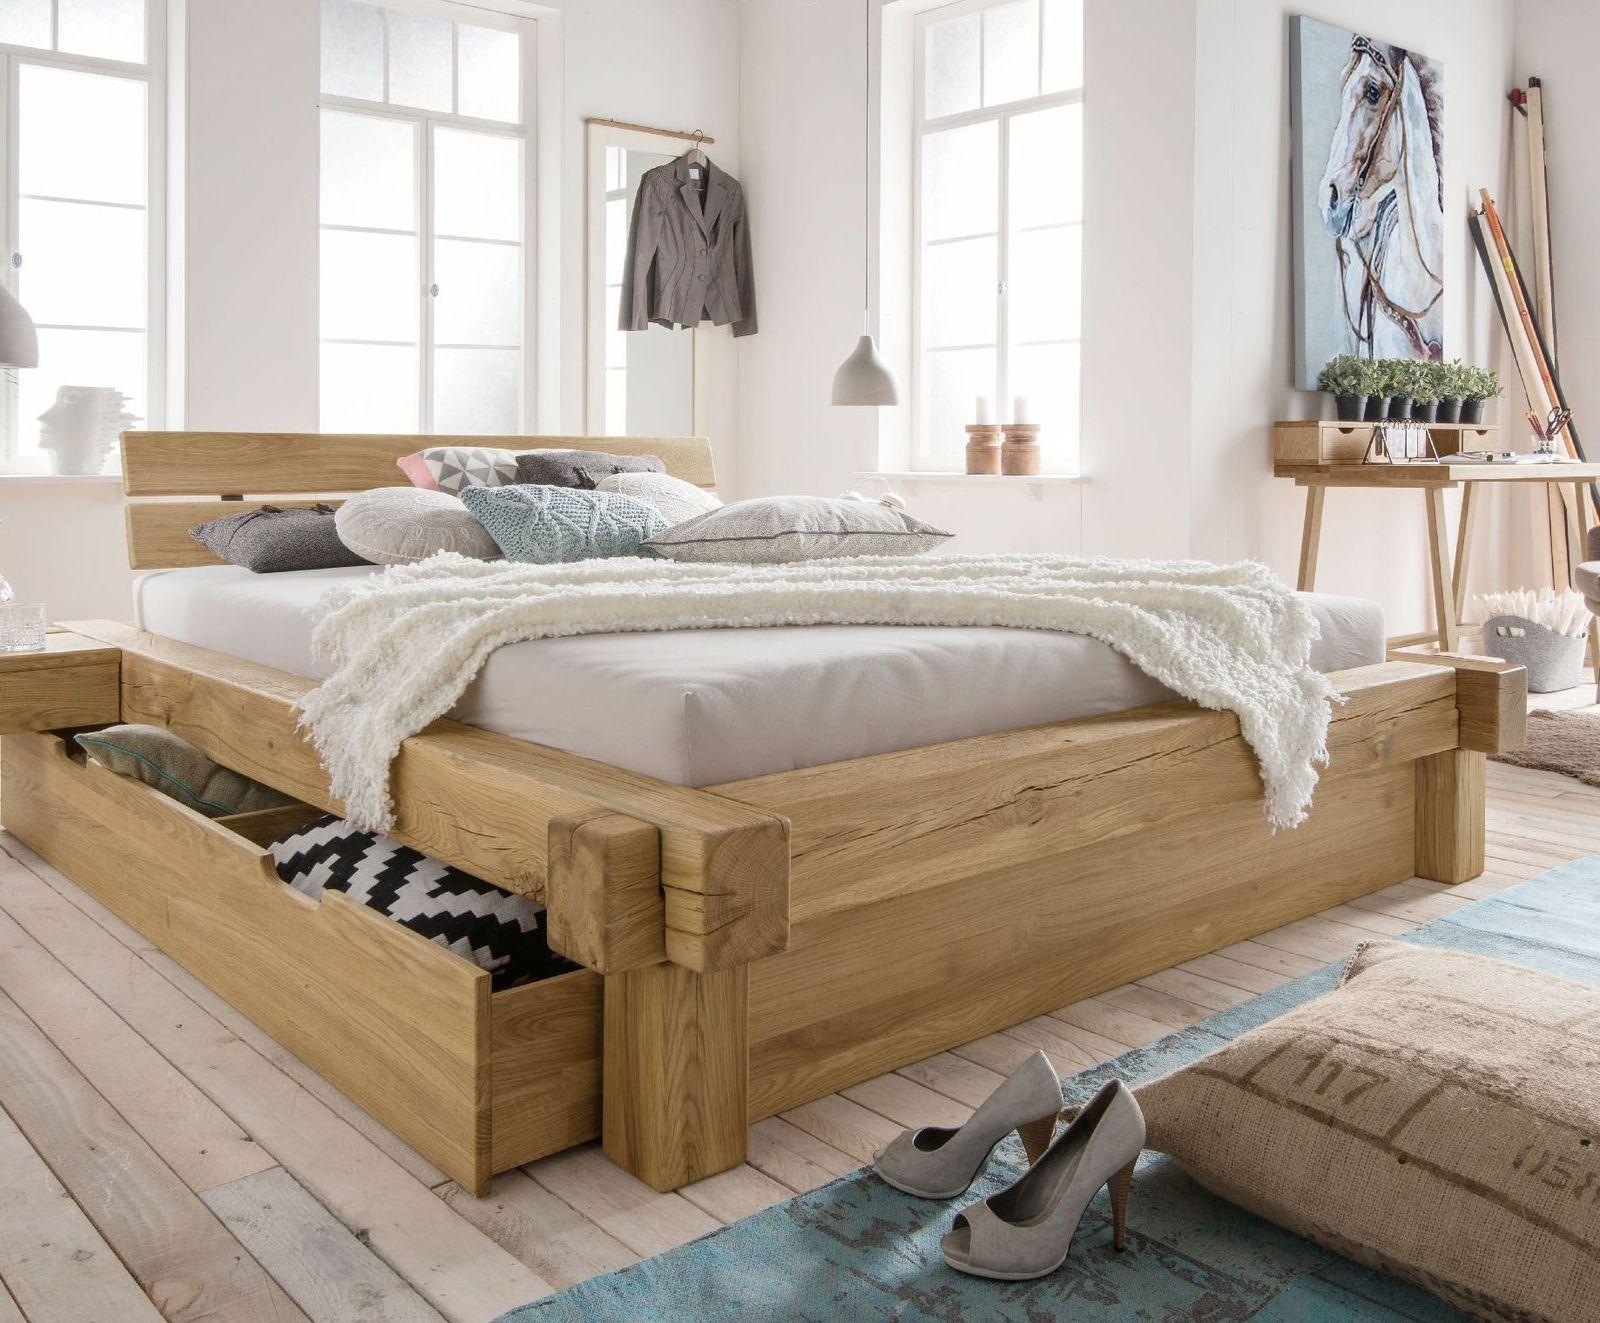 Full Size of Designer Balkenbett Mit Schubkasten Echtholz Wildeiche Doba Bett Www.betten.de